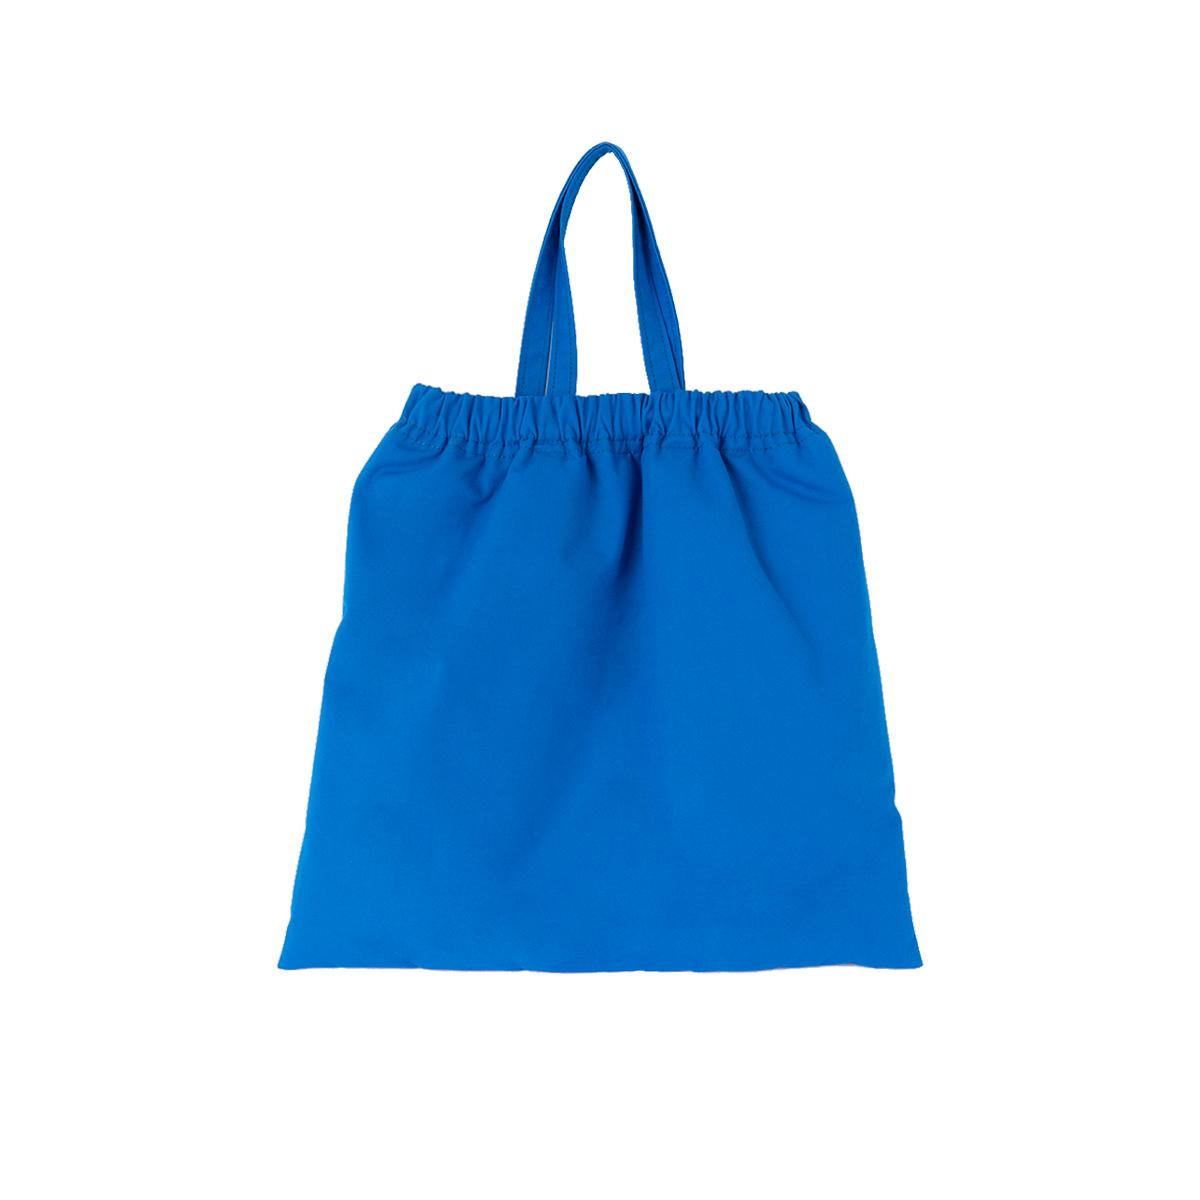 플랫폼엘 martens and martens wrinkle bag (blue)